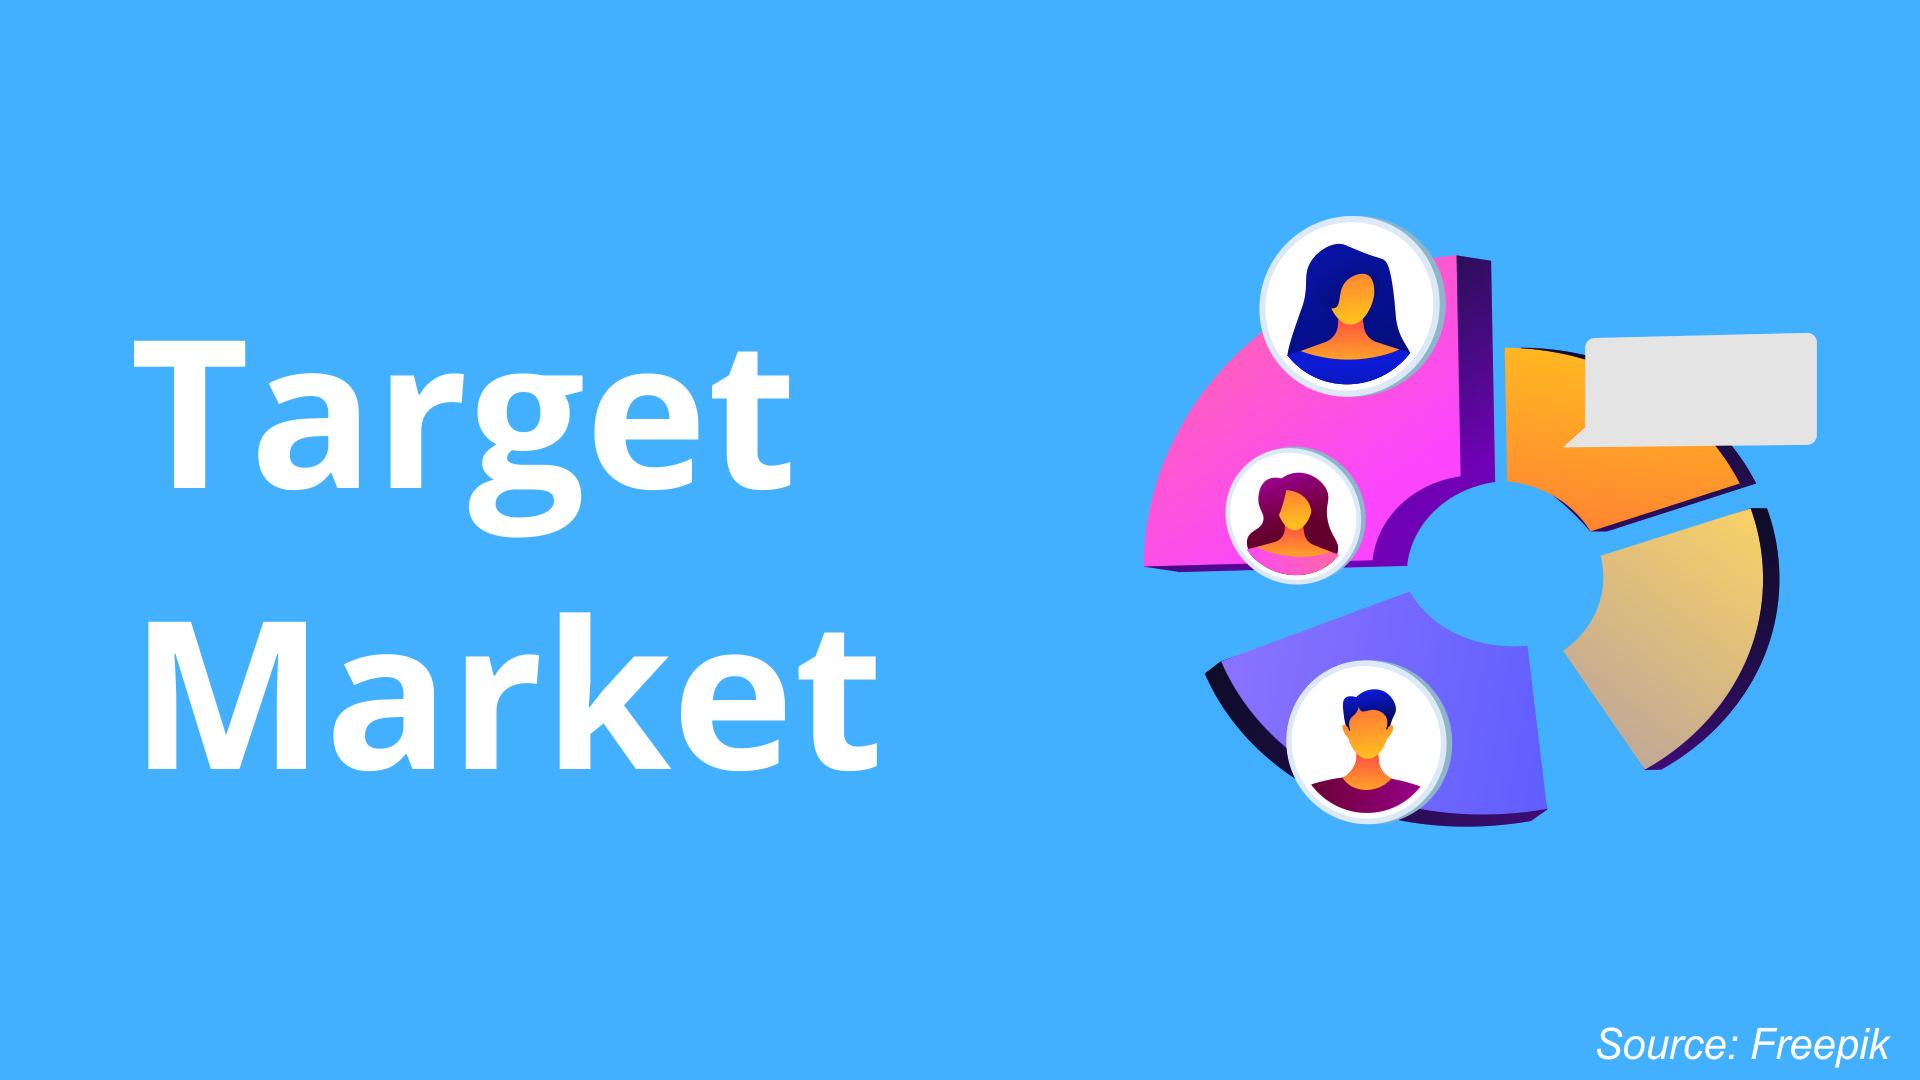 Bagaimana Menentukan Target Pasar untuk Bisnis?